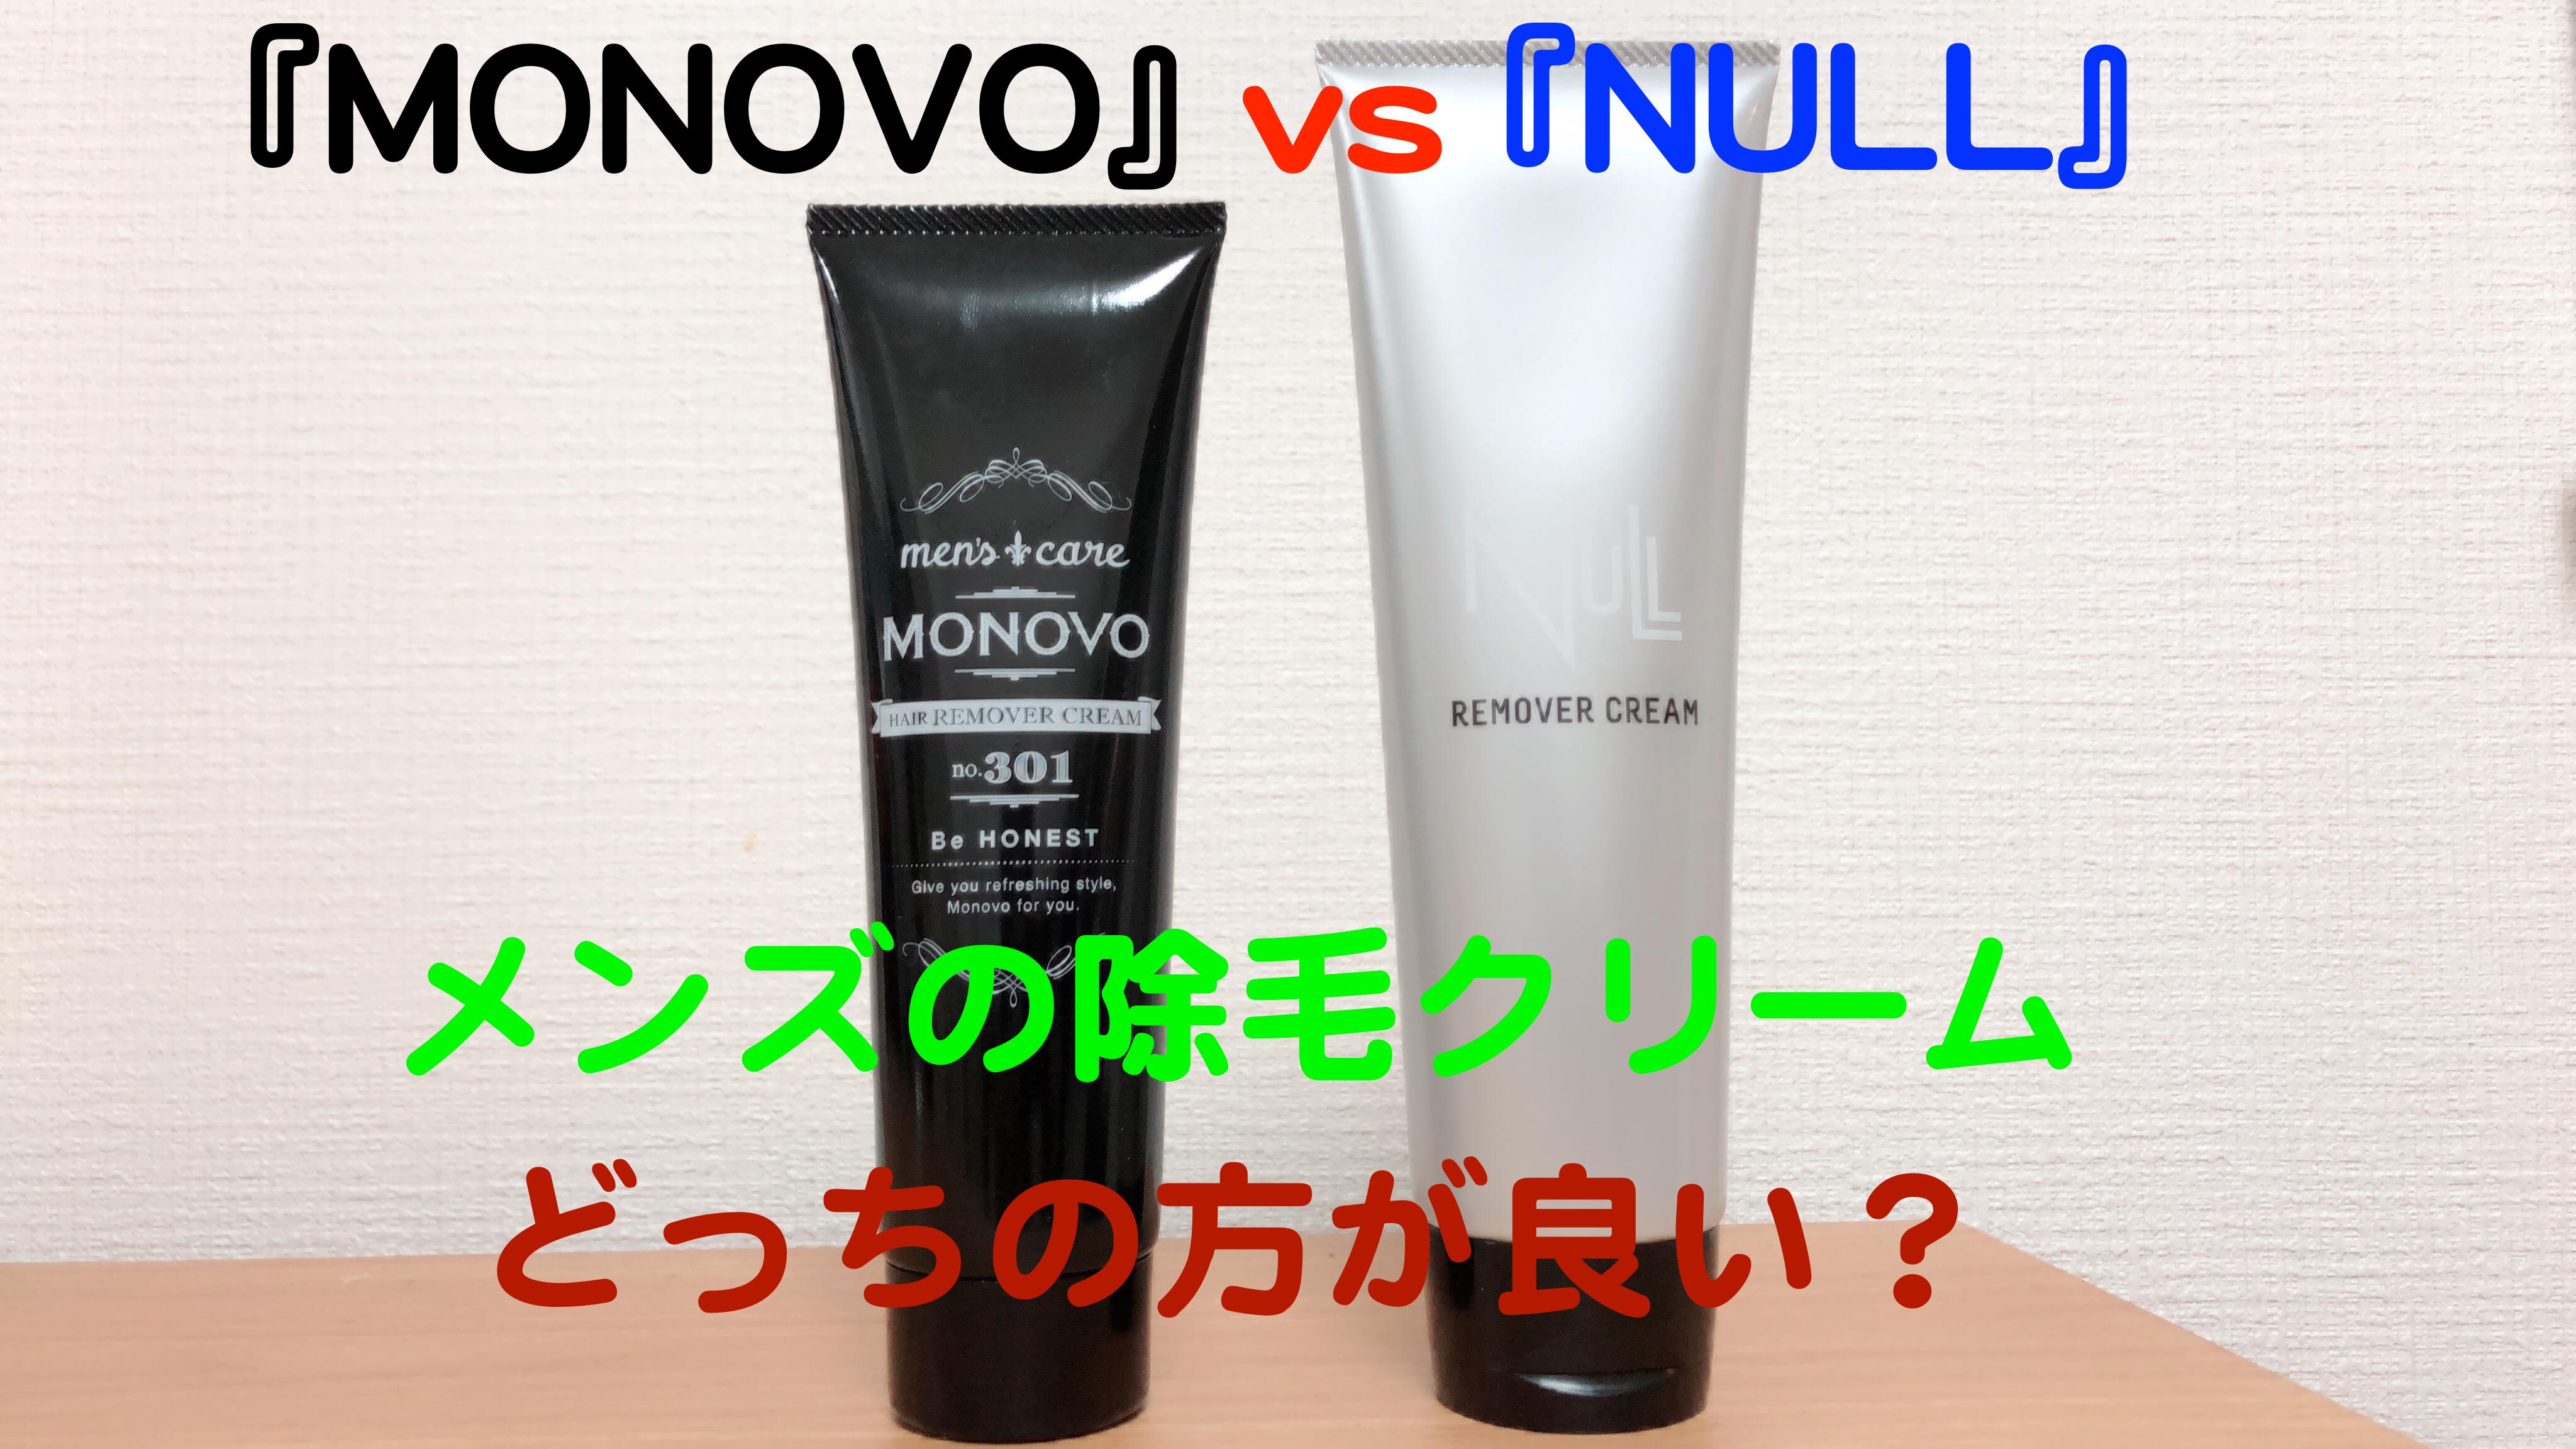 MONOVO NULL